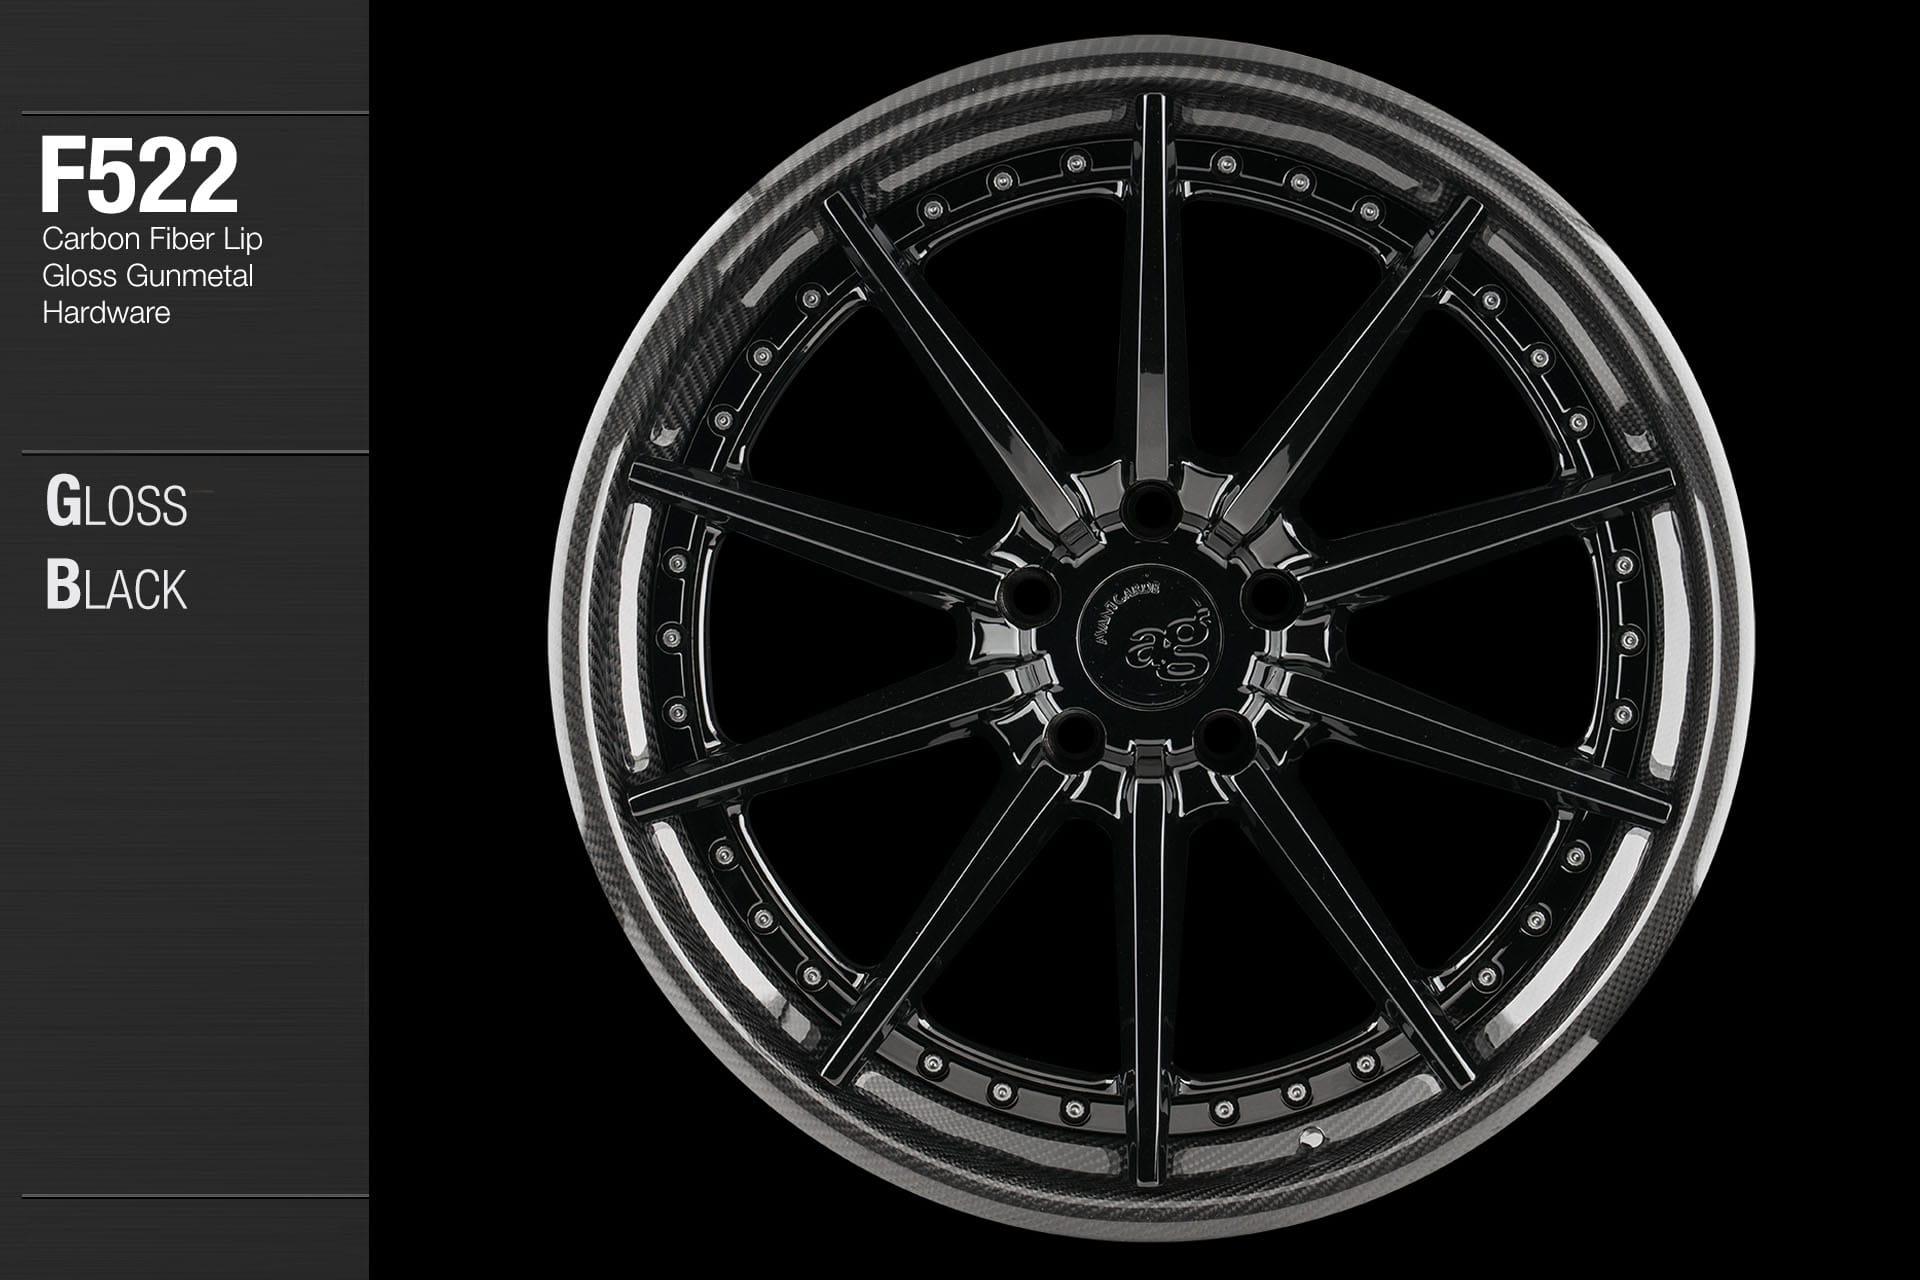 avant garde f522 gloss black center carbon fiber lip gloss gunmetal hardware